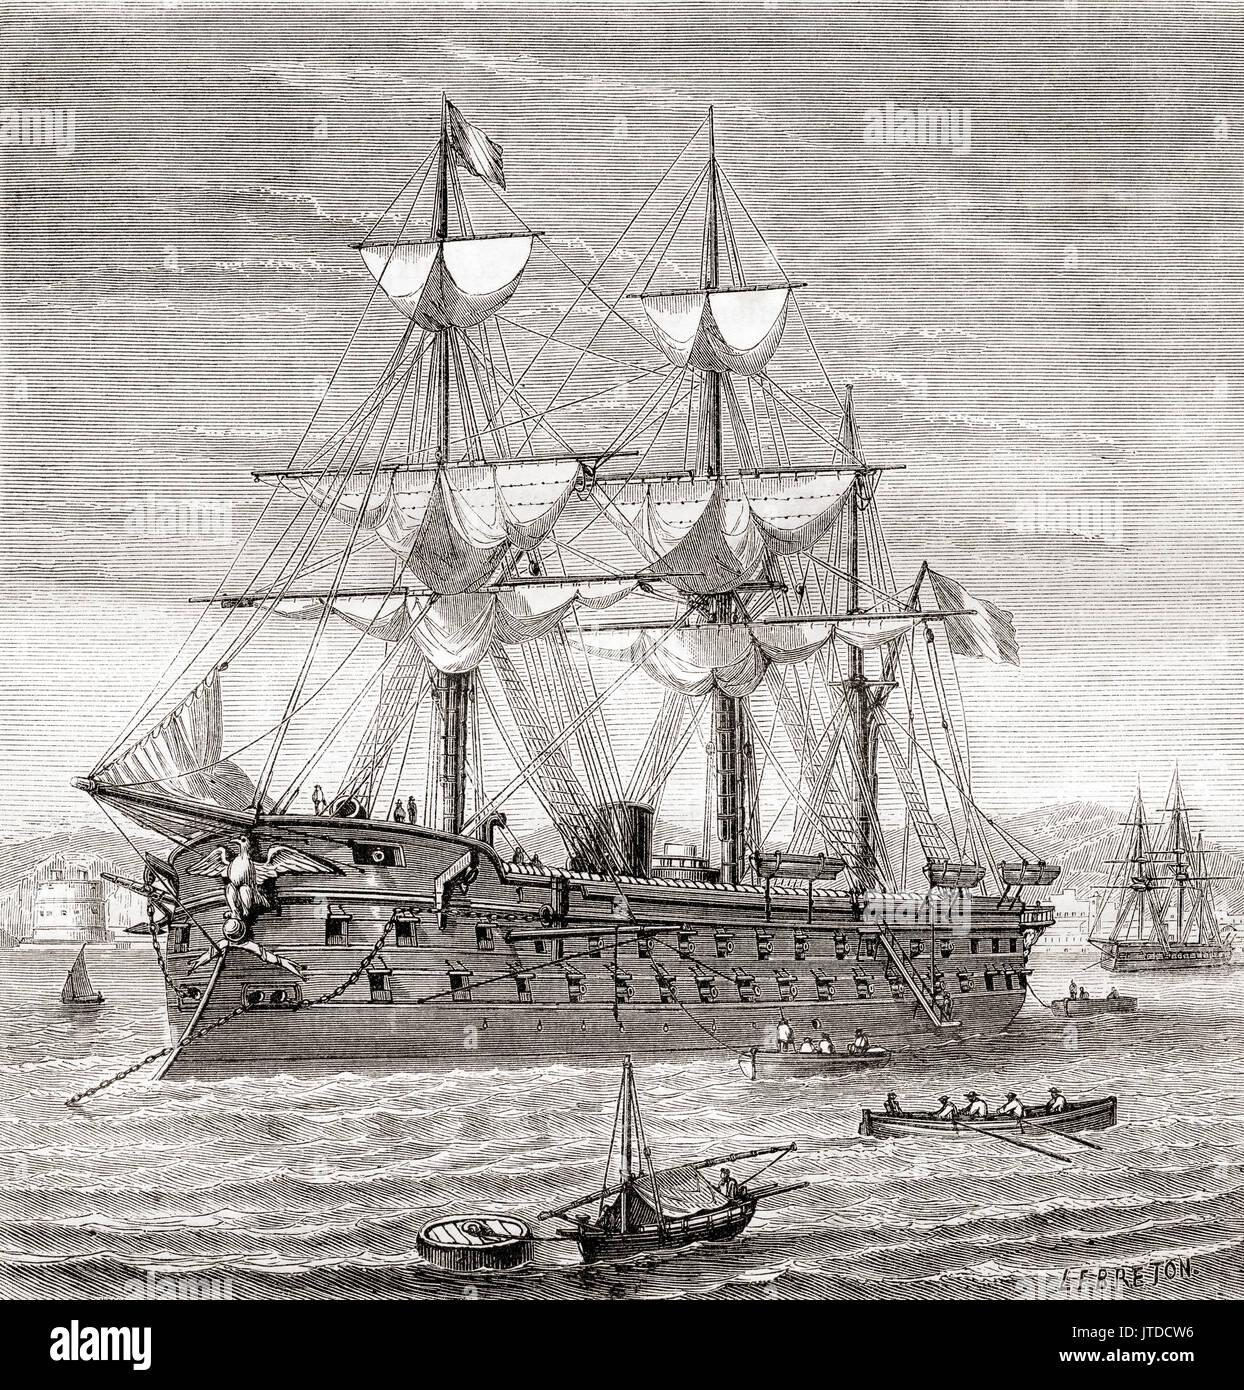 Die solférino, eine Breitseite gepanzerte Kriegsschiff der Französischen Marine, der im Jahre 1861 ins Leben gerufen. Von Les merveilles de la Science, veröffentlicht 1870. Stockbild